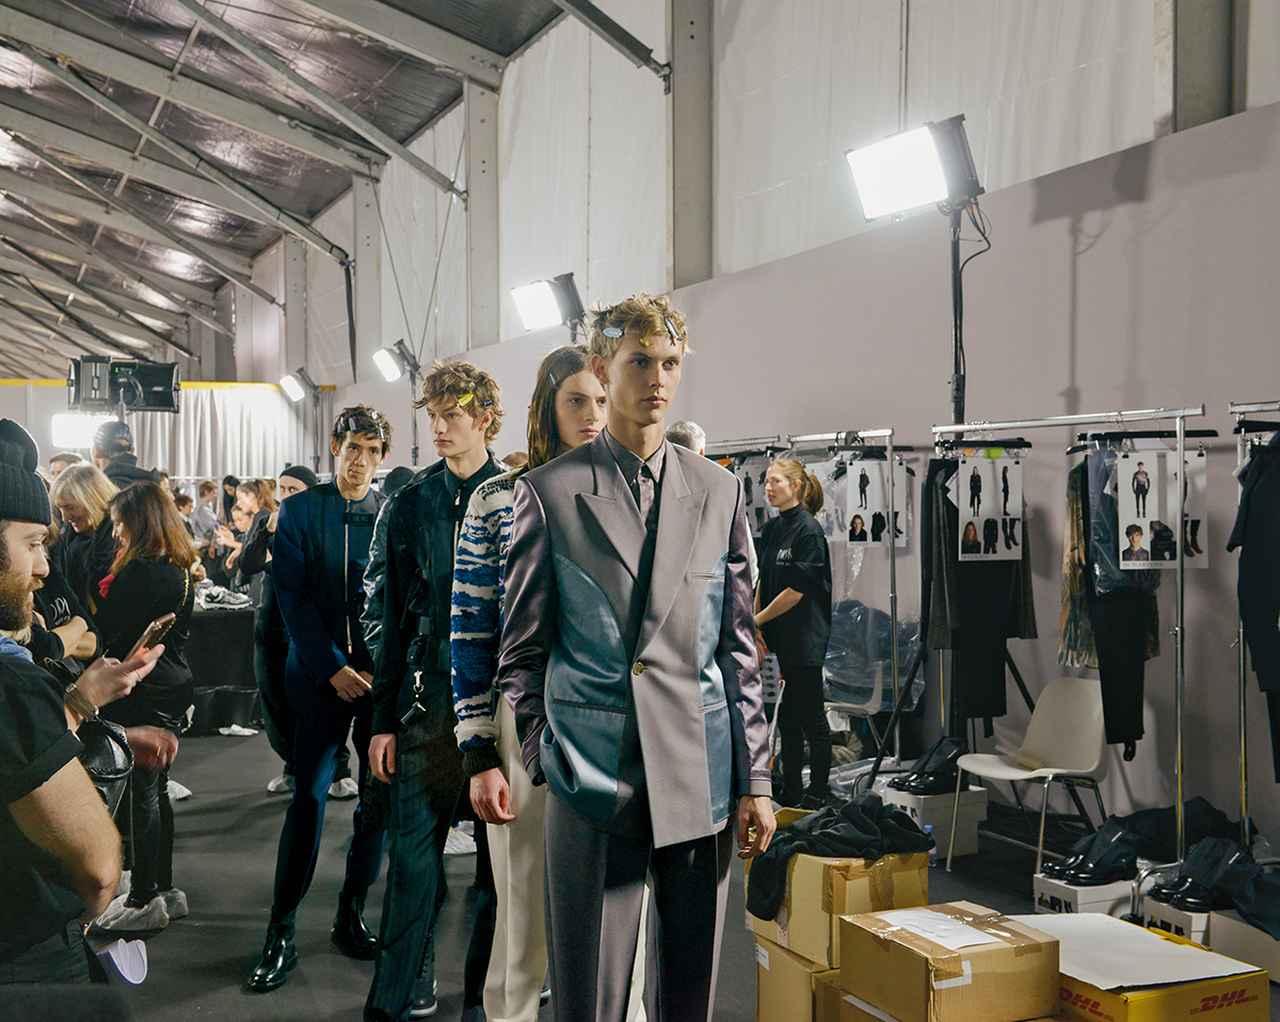 Images : 7番目の画像 - 「対極の要素が共存する 「ディオール」 キム・ジョーンズの世界」のアルバム - T JAPAN:The New York Times Style Magazine 公式サイト